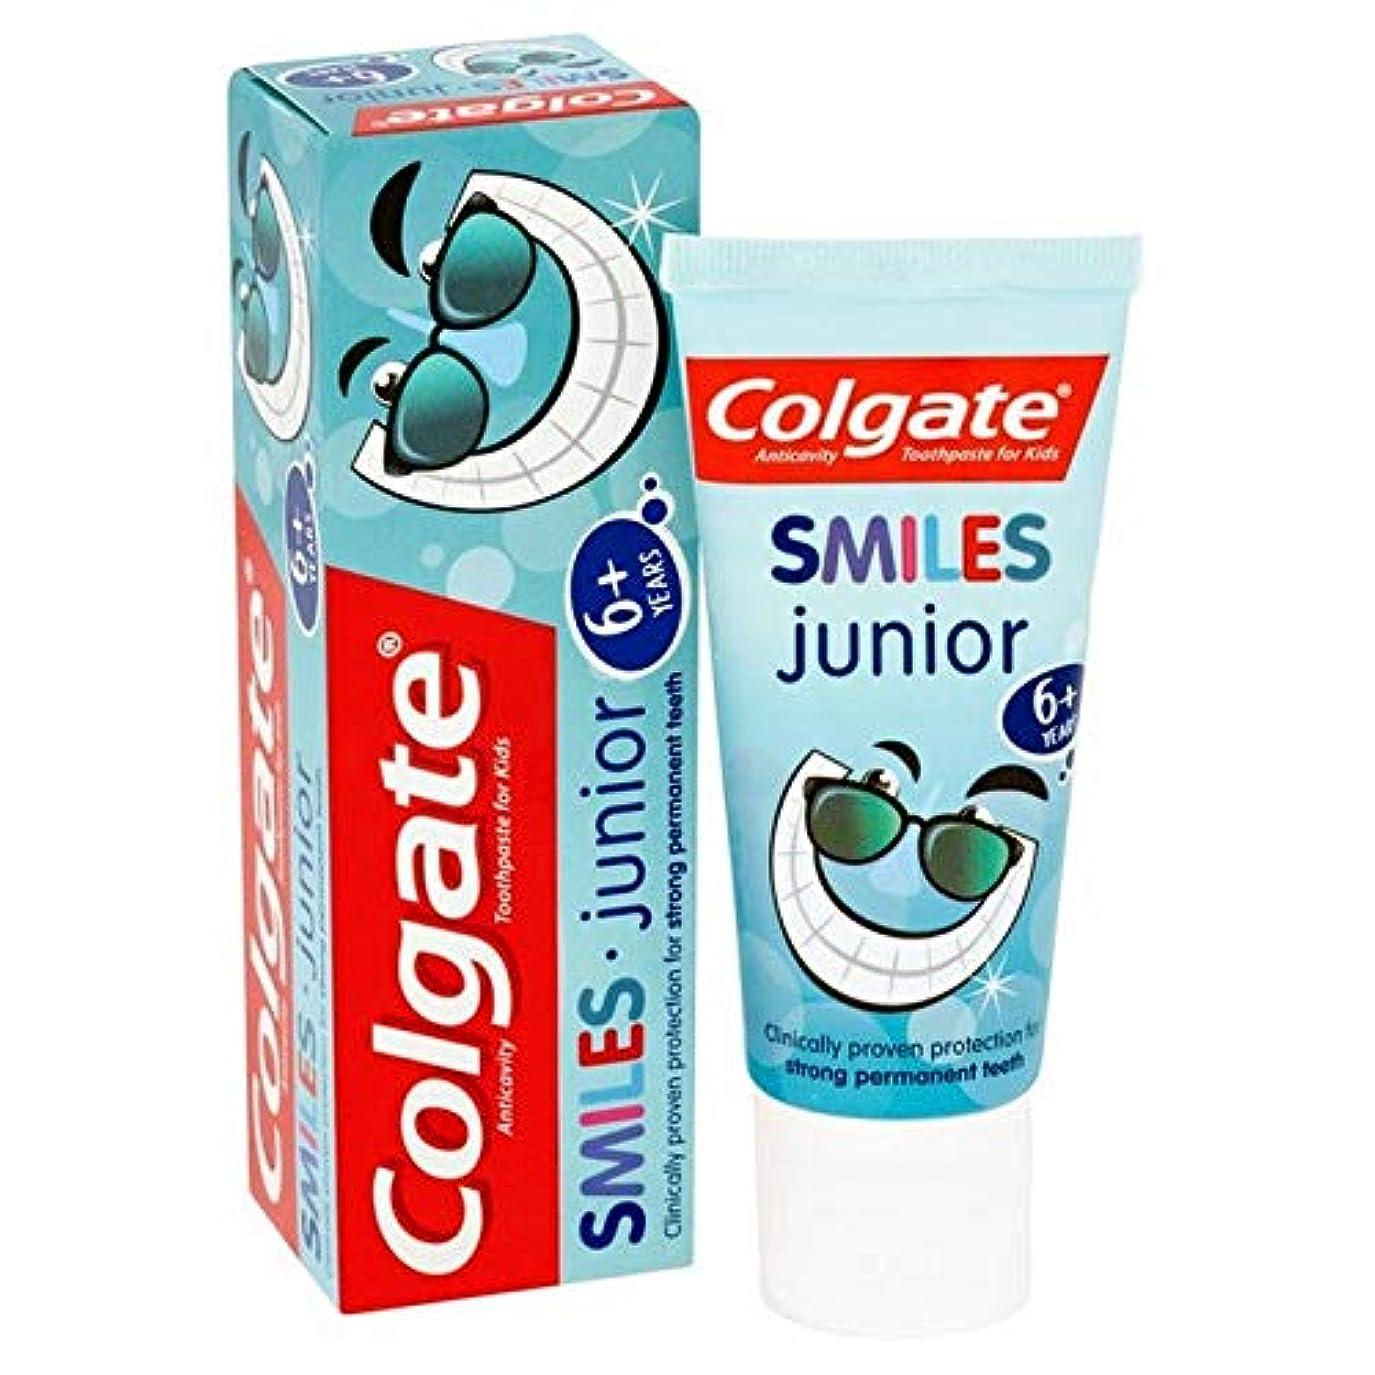 郵便会話型受け入れた[Colgate ] コルゲートは、ジュニア6+年の歯磨き粉50ミリリットルを笑顔 - Colgate Smiles Junior 6+ years Toothpaste 50ml [並行輸入品]